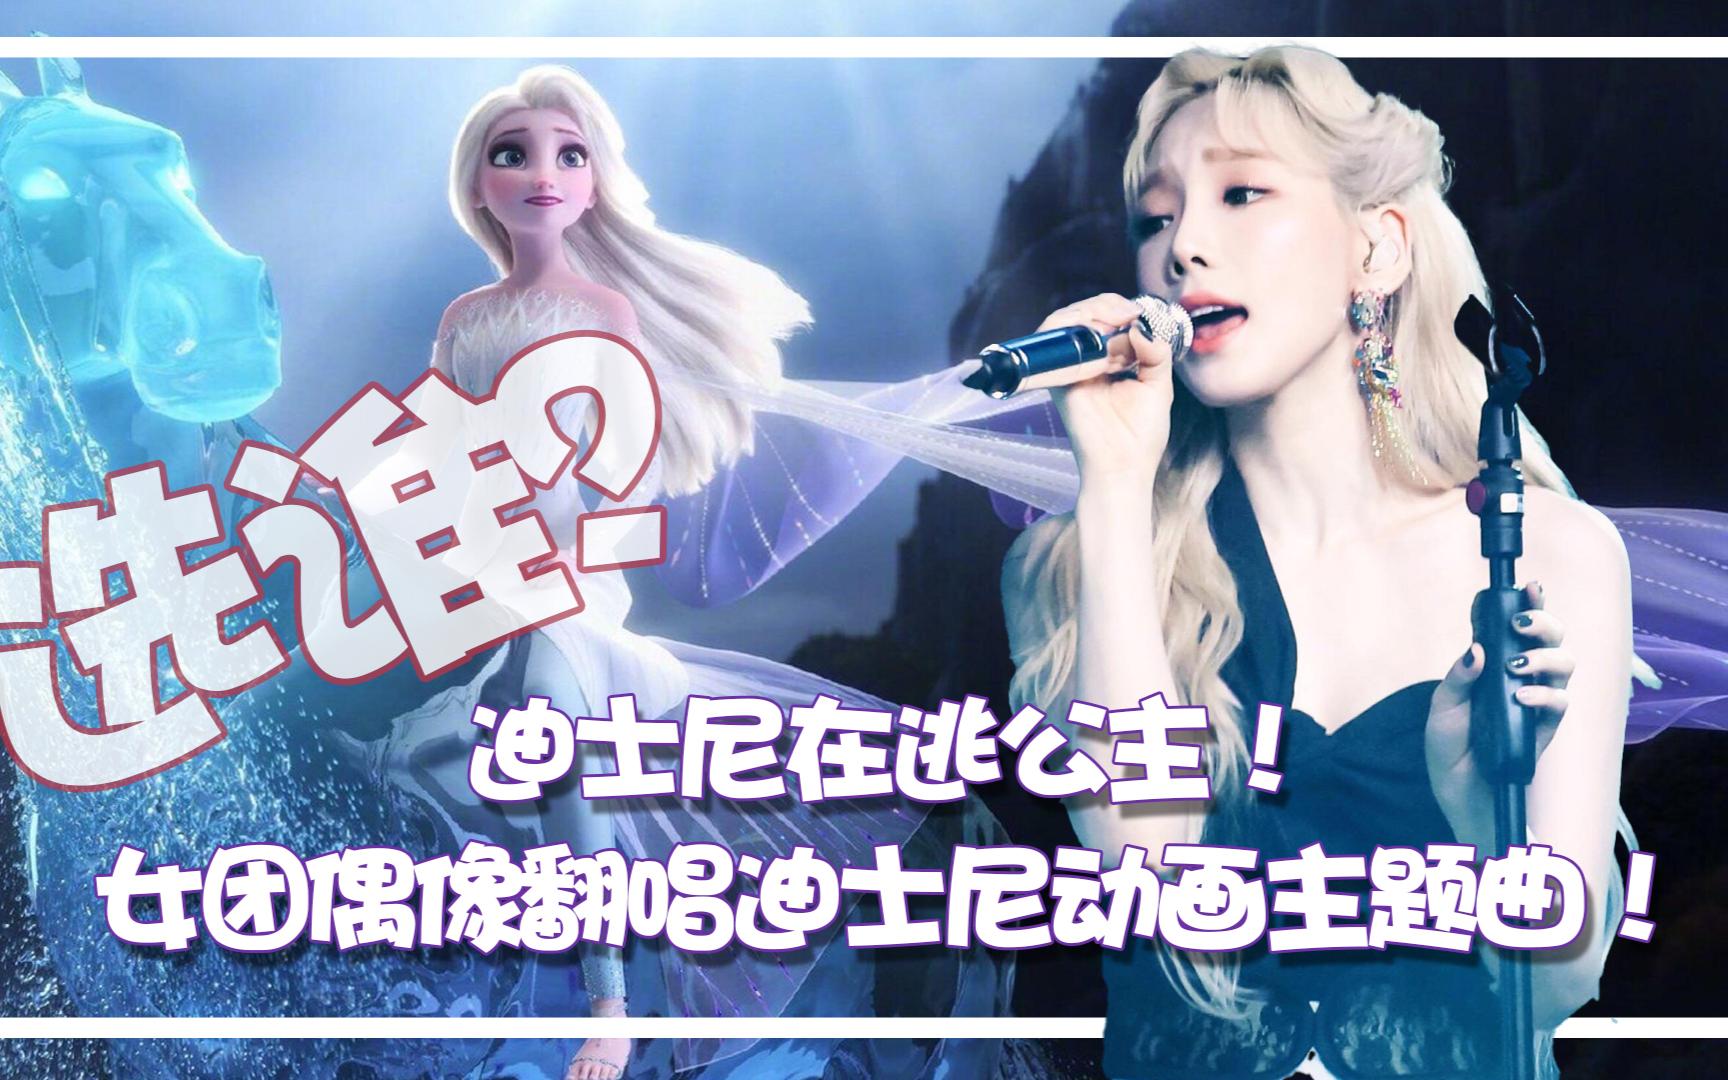 迪士尼在逃公主真人版!看女团偶像翻唱《冰雪奇缘》《阿拉丁》主题曲~你们最爱谁?